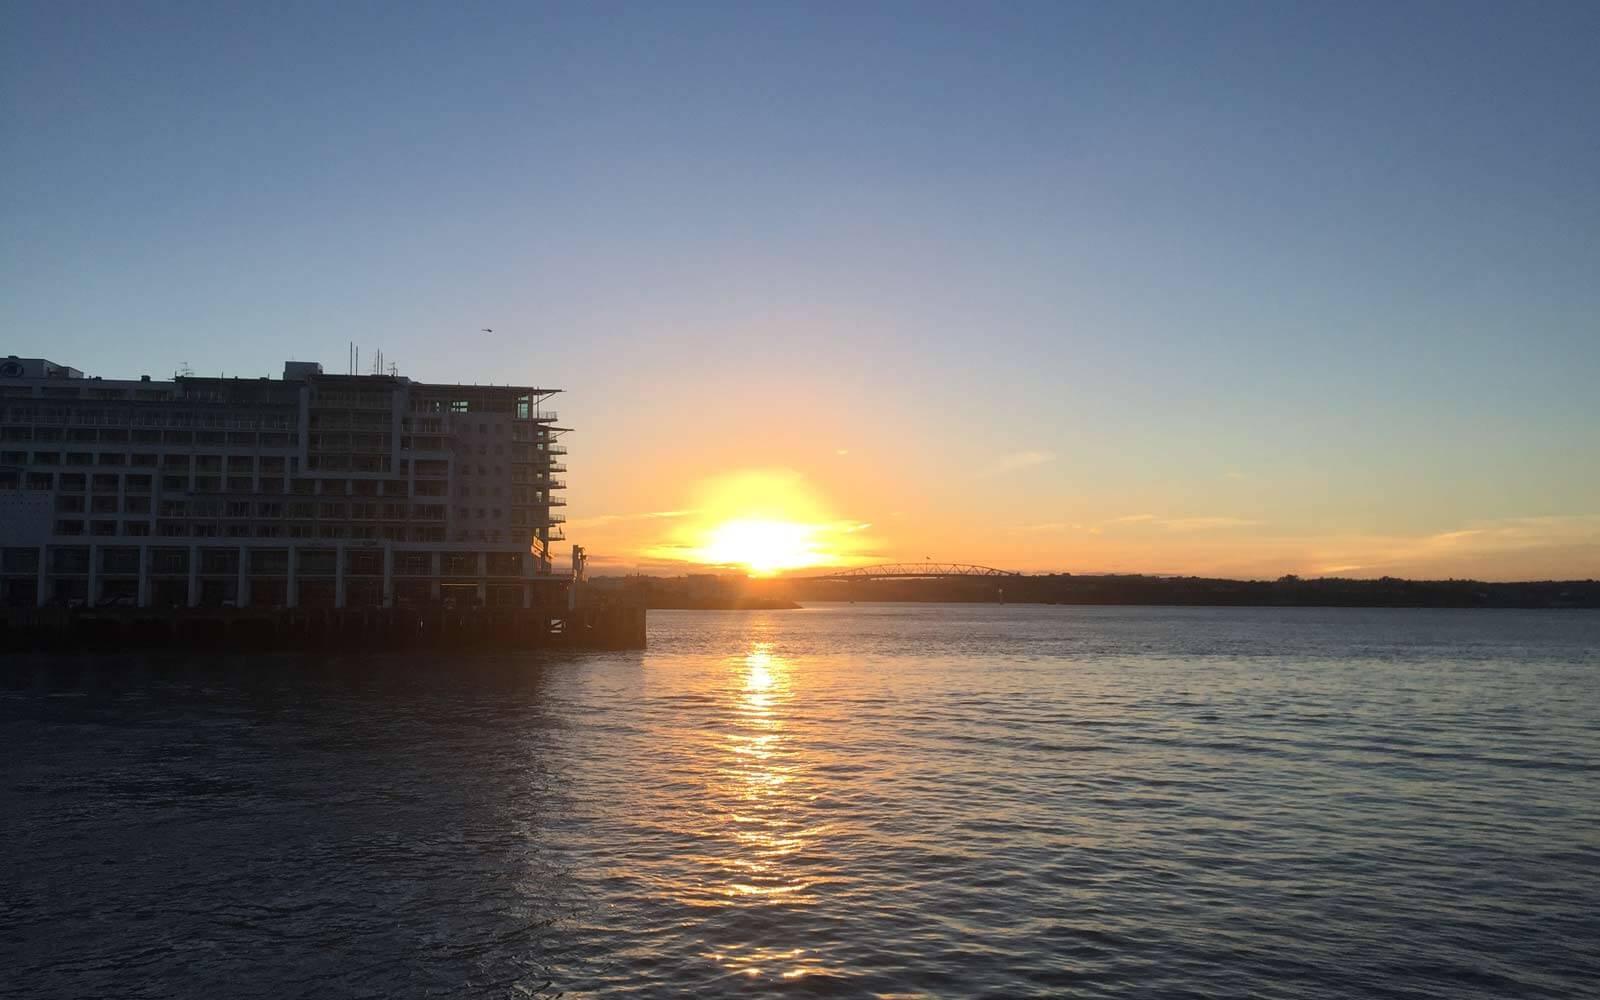 Sonnenaufgang am Meer in Neuseeland